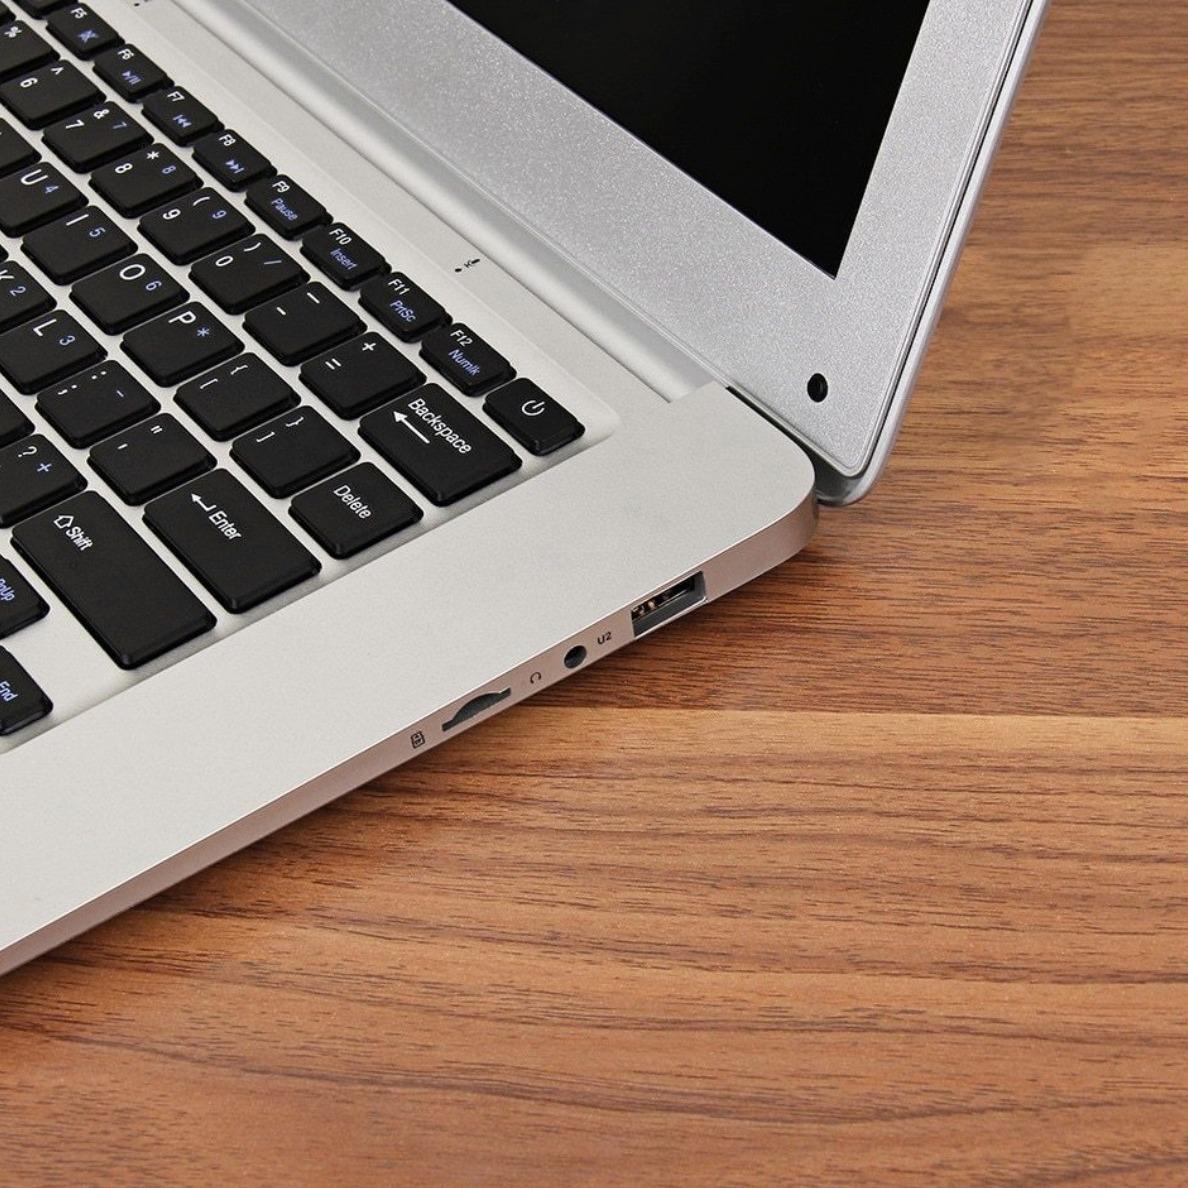 【最安値販売】Laptop Ezbook 2 Ultrabook インテルCHERRY TRAIL X5 Z8350 シルバー 14.0インチ Windows 10 【領収書発行可能】_画像9